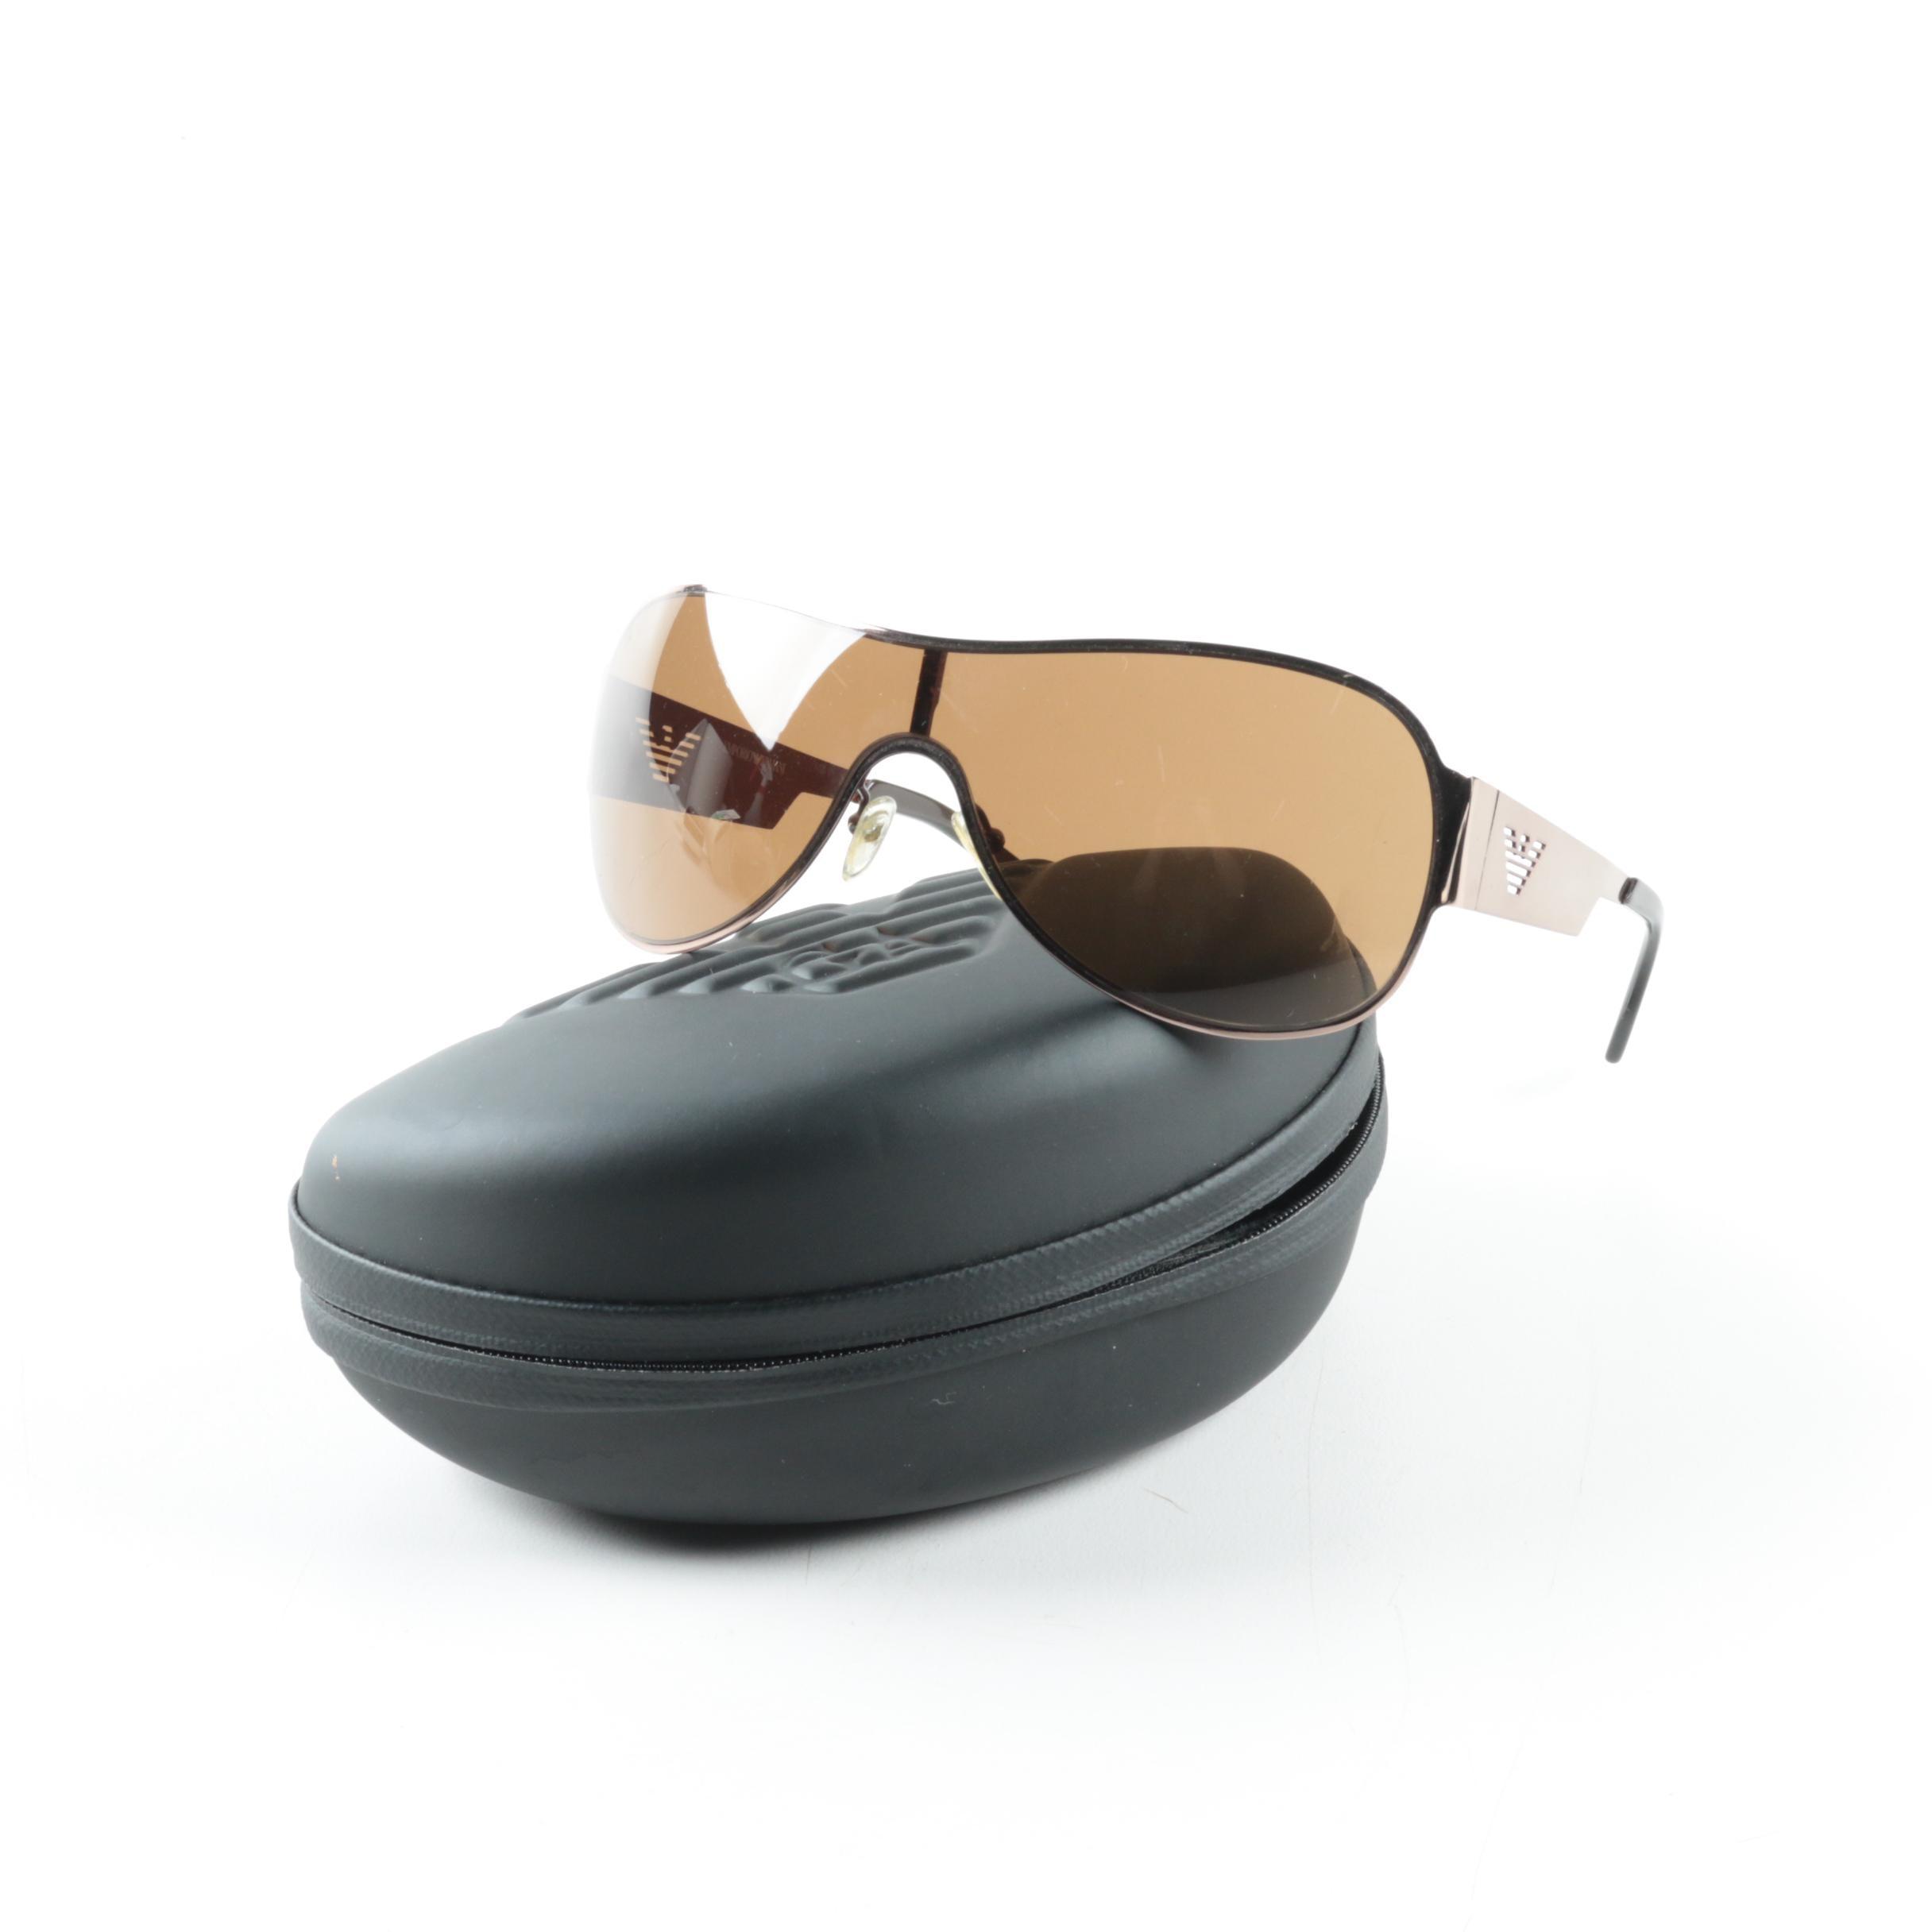 Emporio Armani Shield Sunglasses with Case